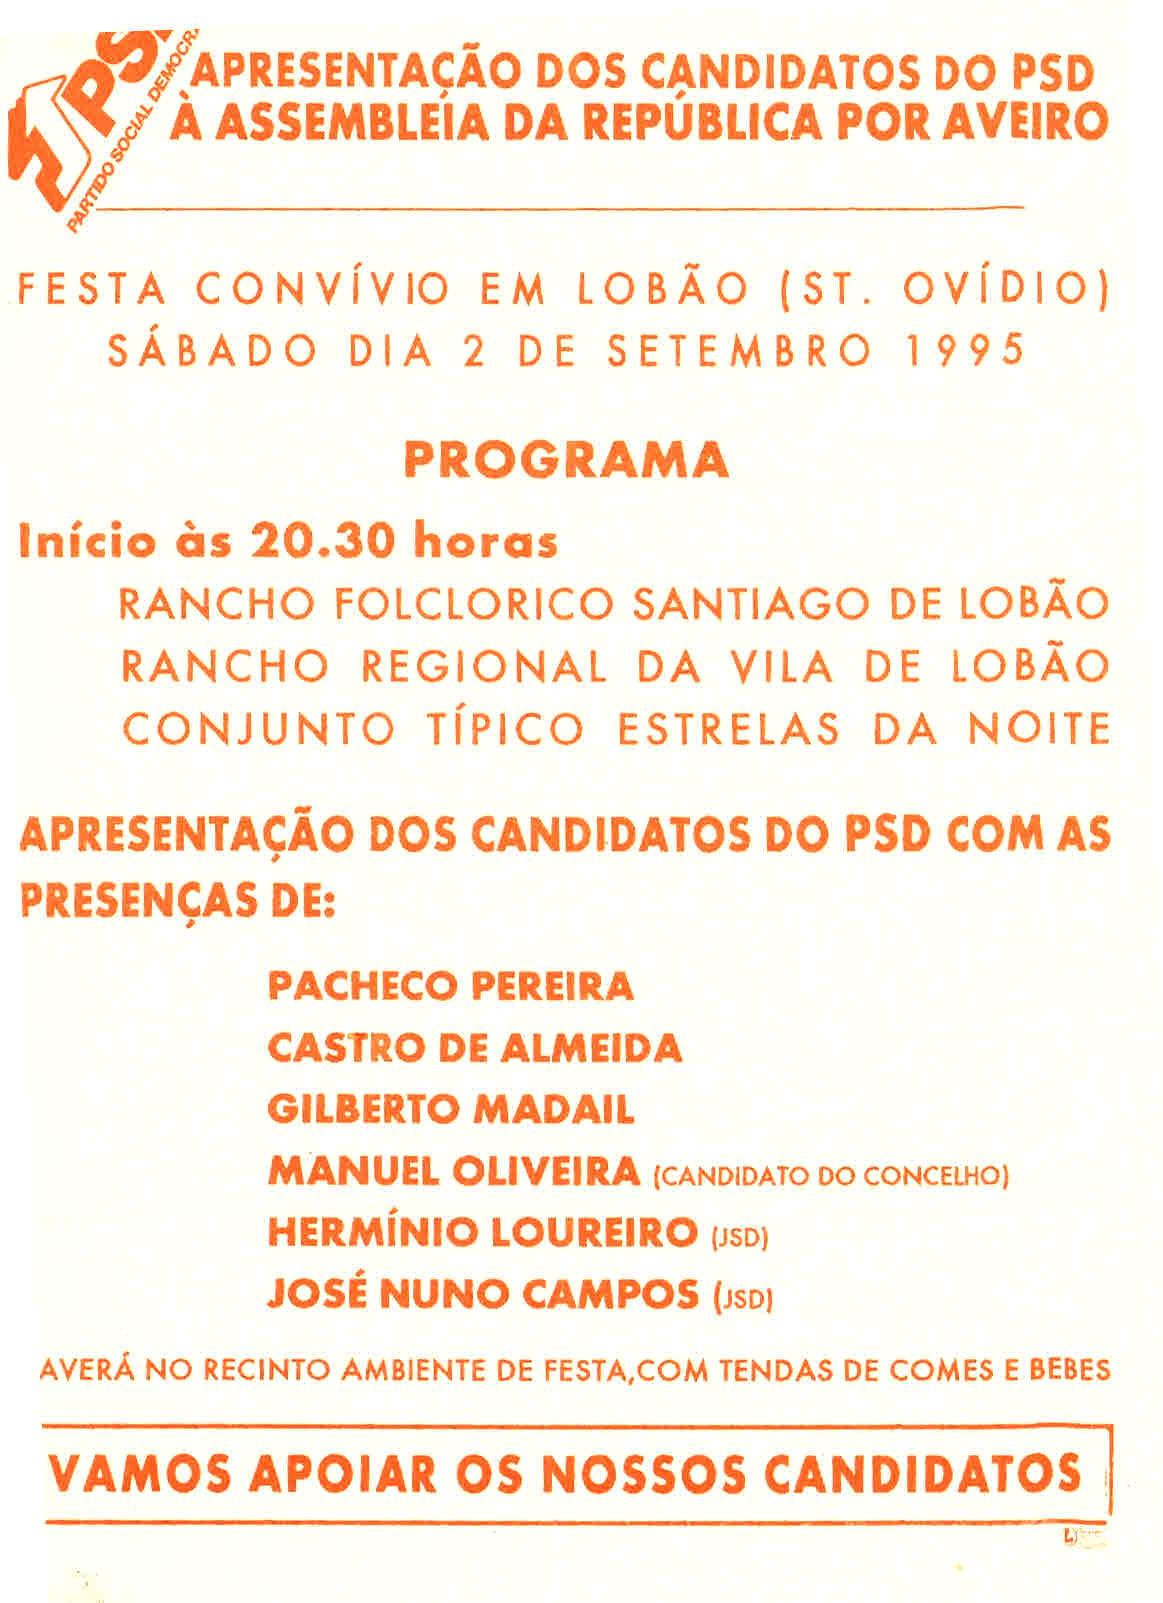 ELEIÇÕES LEGISLATIVAS DE 1995 – PSD – DISTRITO DE AVEIRO – EPHEMERA –  Biblioteca e arquivo de José Pacheco Pereira 50450fb7b85b6